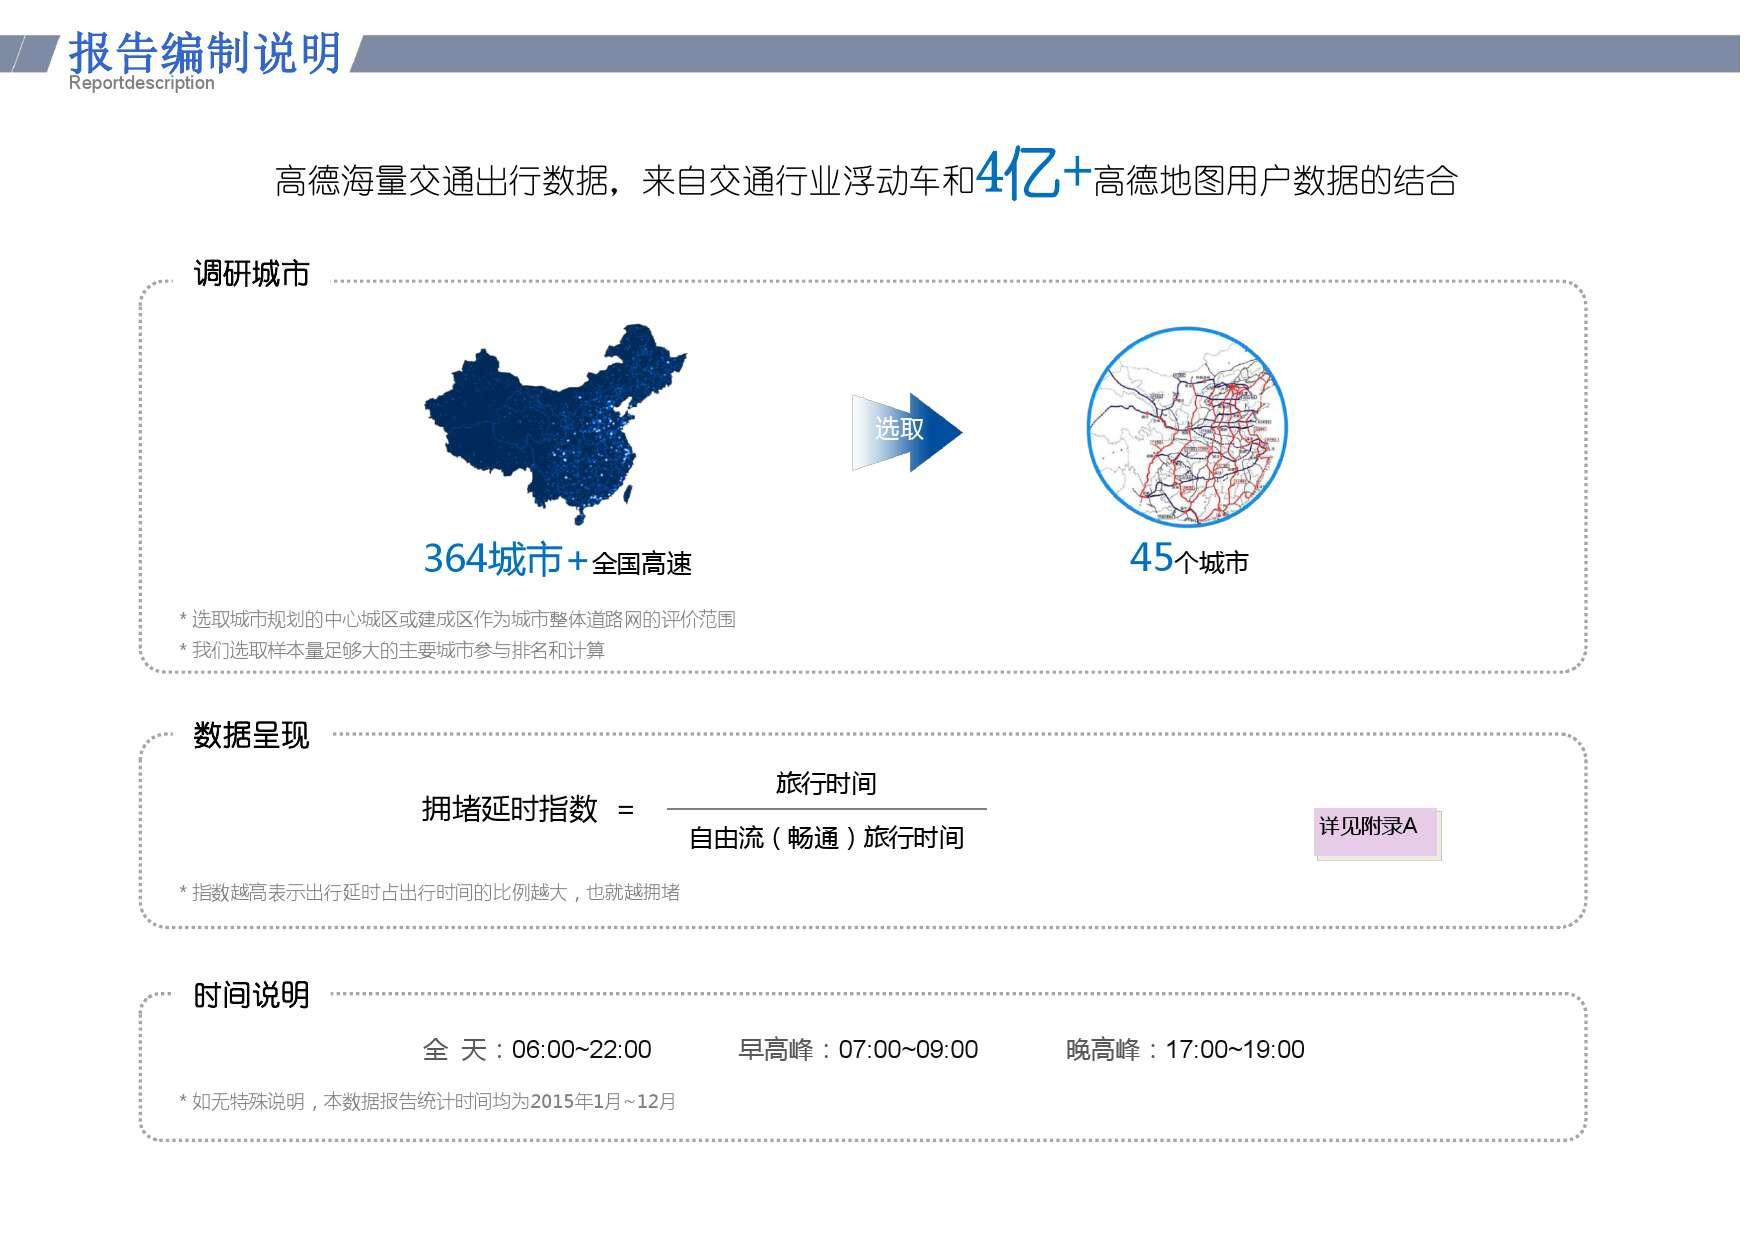 2015年度中国主要城市交通分析报告-final_000003